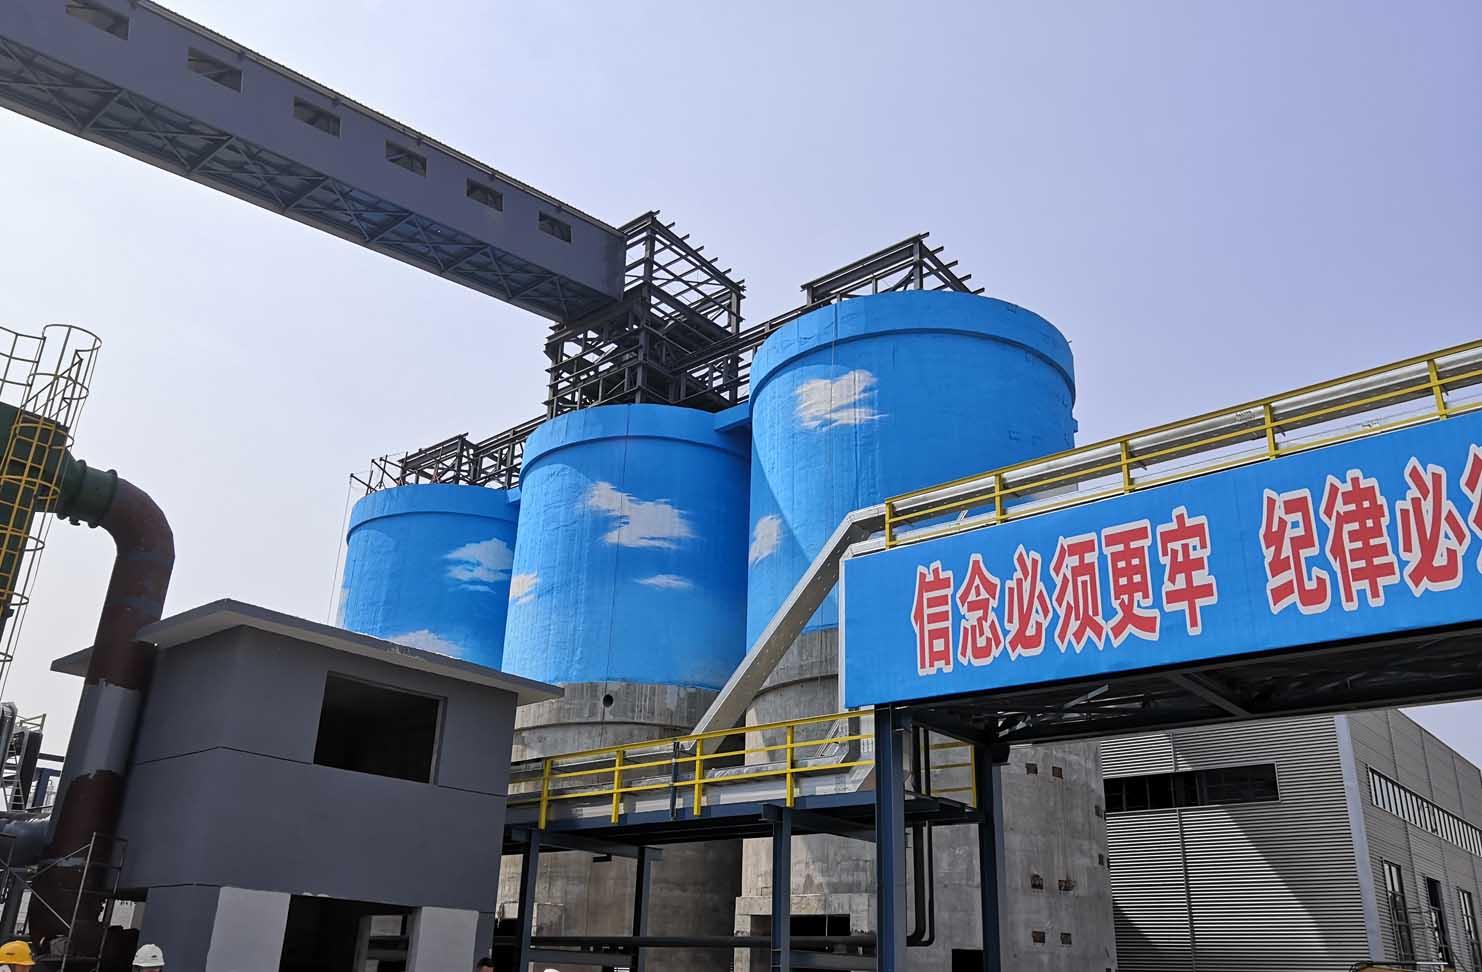 【筒仓蓝天白云彩绘】——河南开炭新材料有限公司